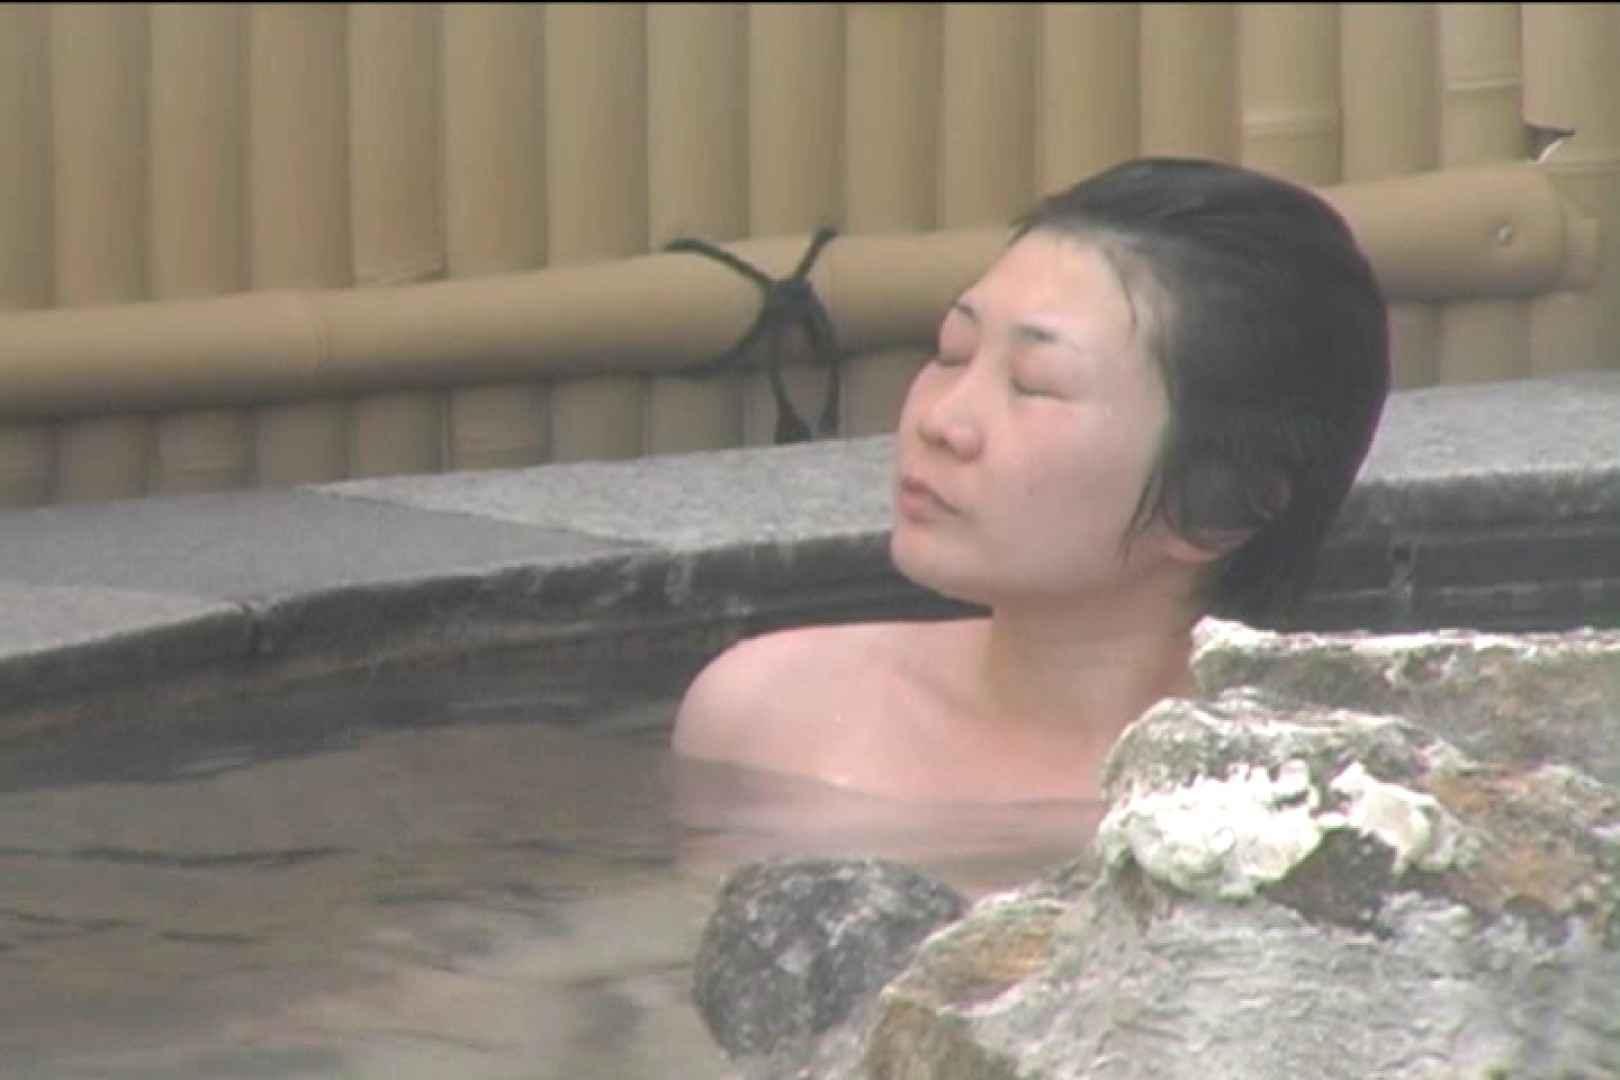 Aquaな露天風呂Vol.531 盗撮シリーズ  85PIX 46